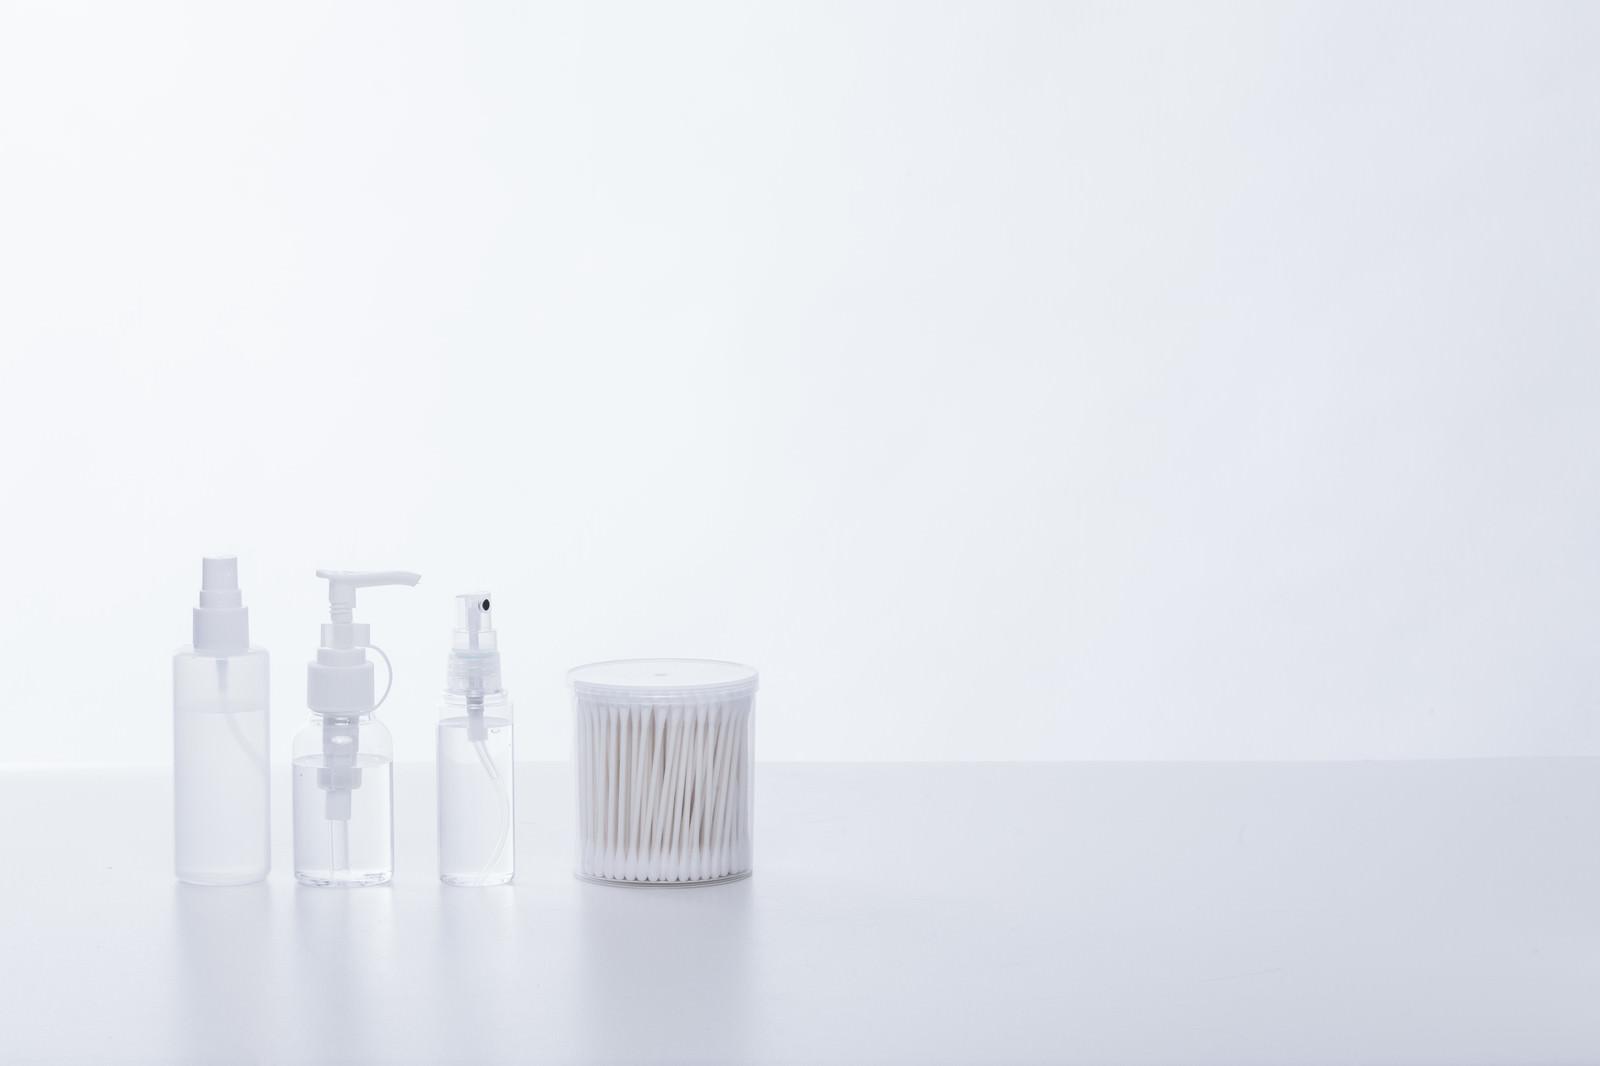 「美容液のボトルと綿棒美容液のボトルと綿棒」のフリー写真素材を拡大